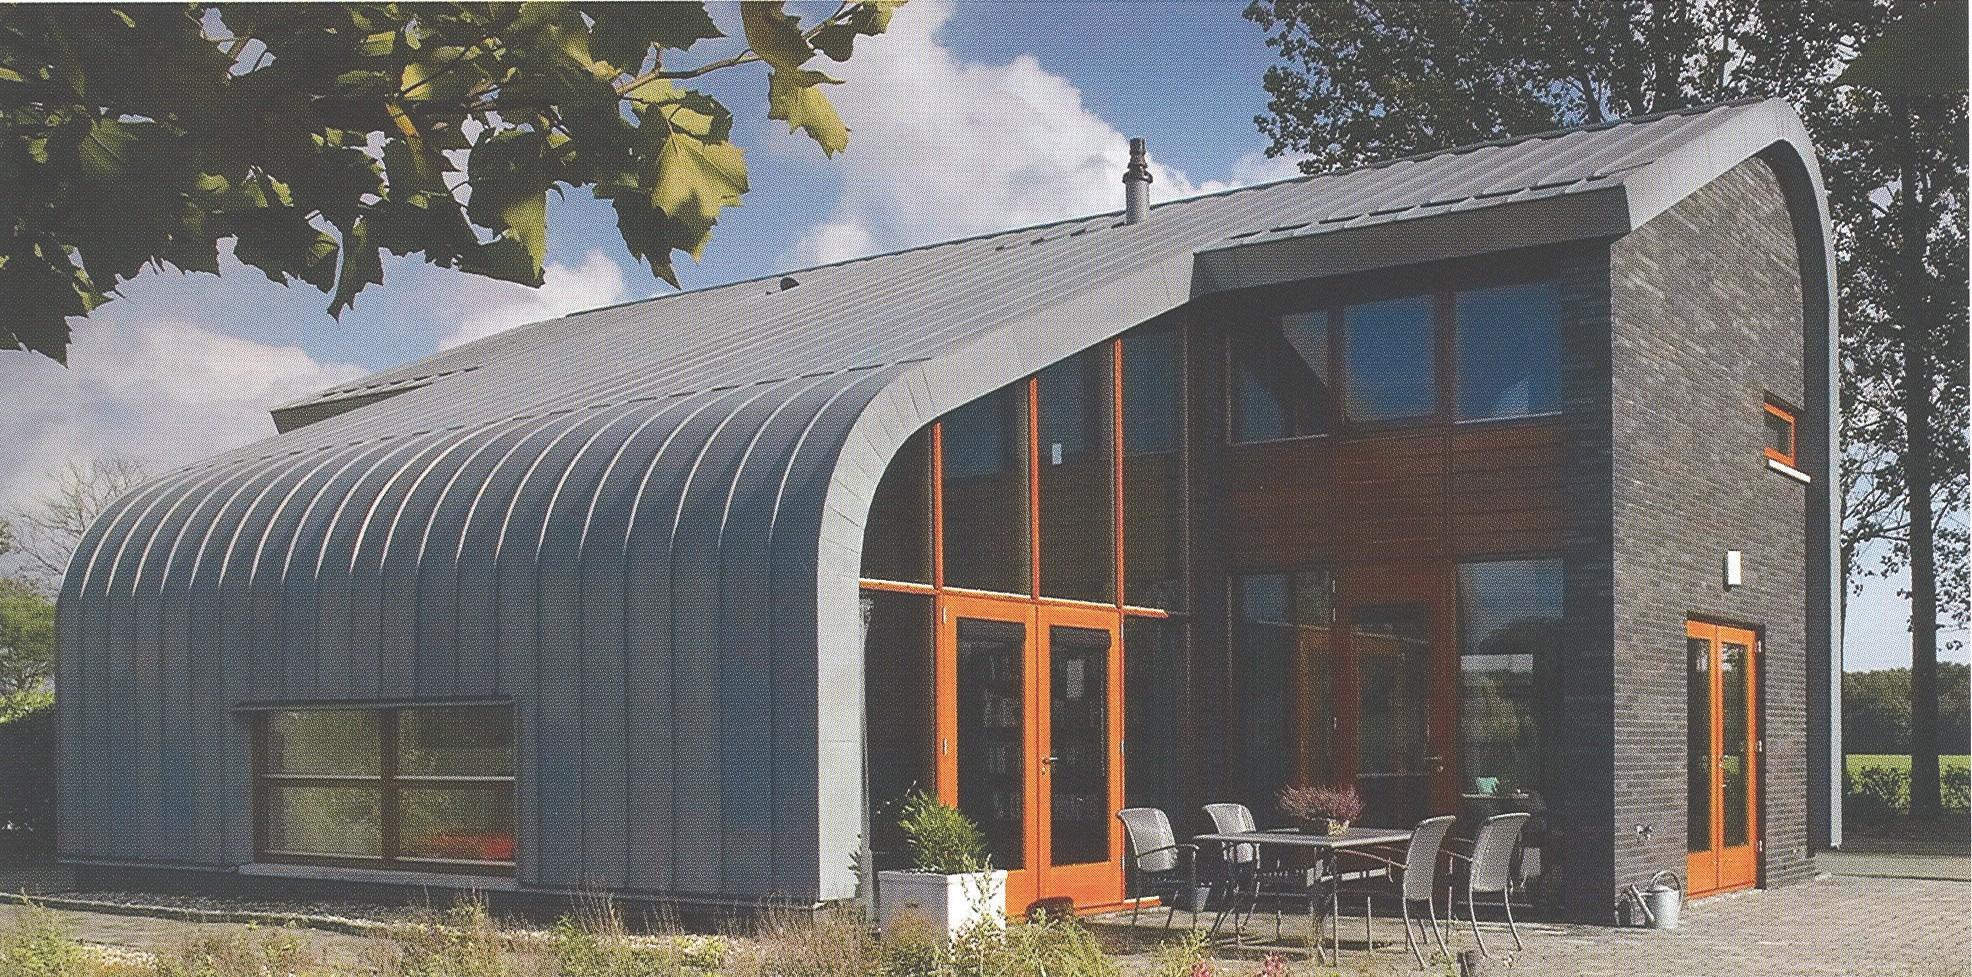 Дом в г. Дуурстеде (Нидерланды) с титано-цинковой облицовкой